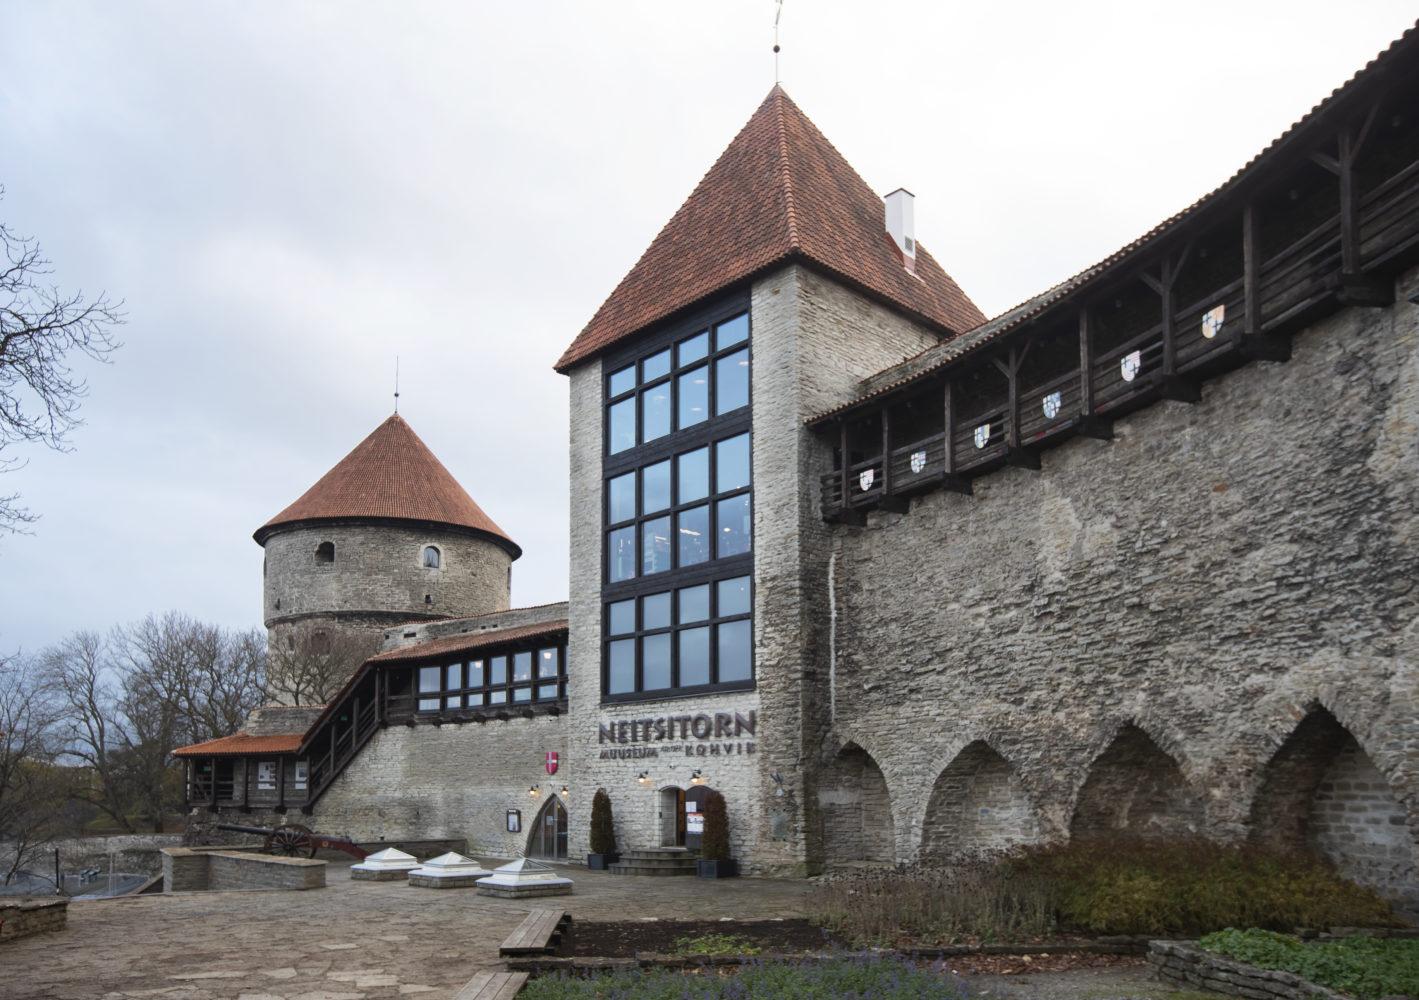 Kiek in de Köki kindlustustemuuseum